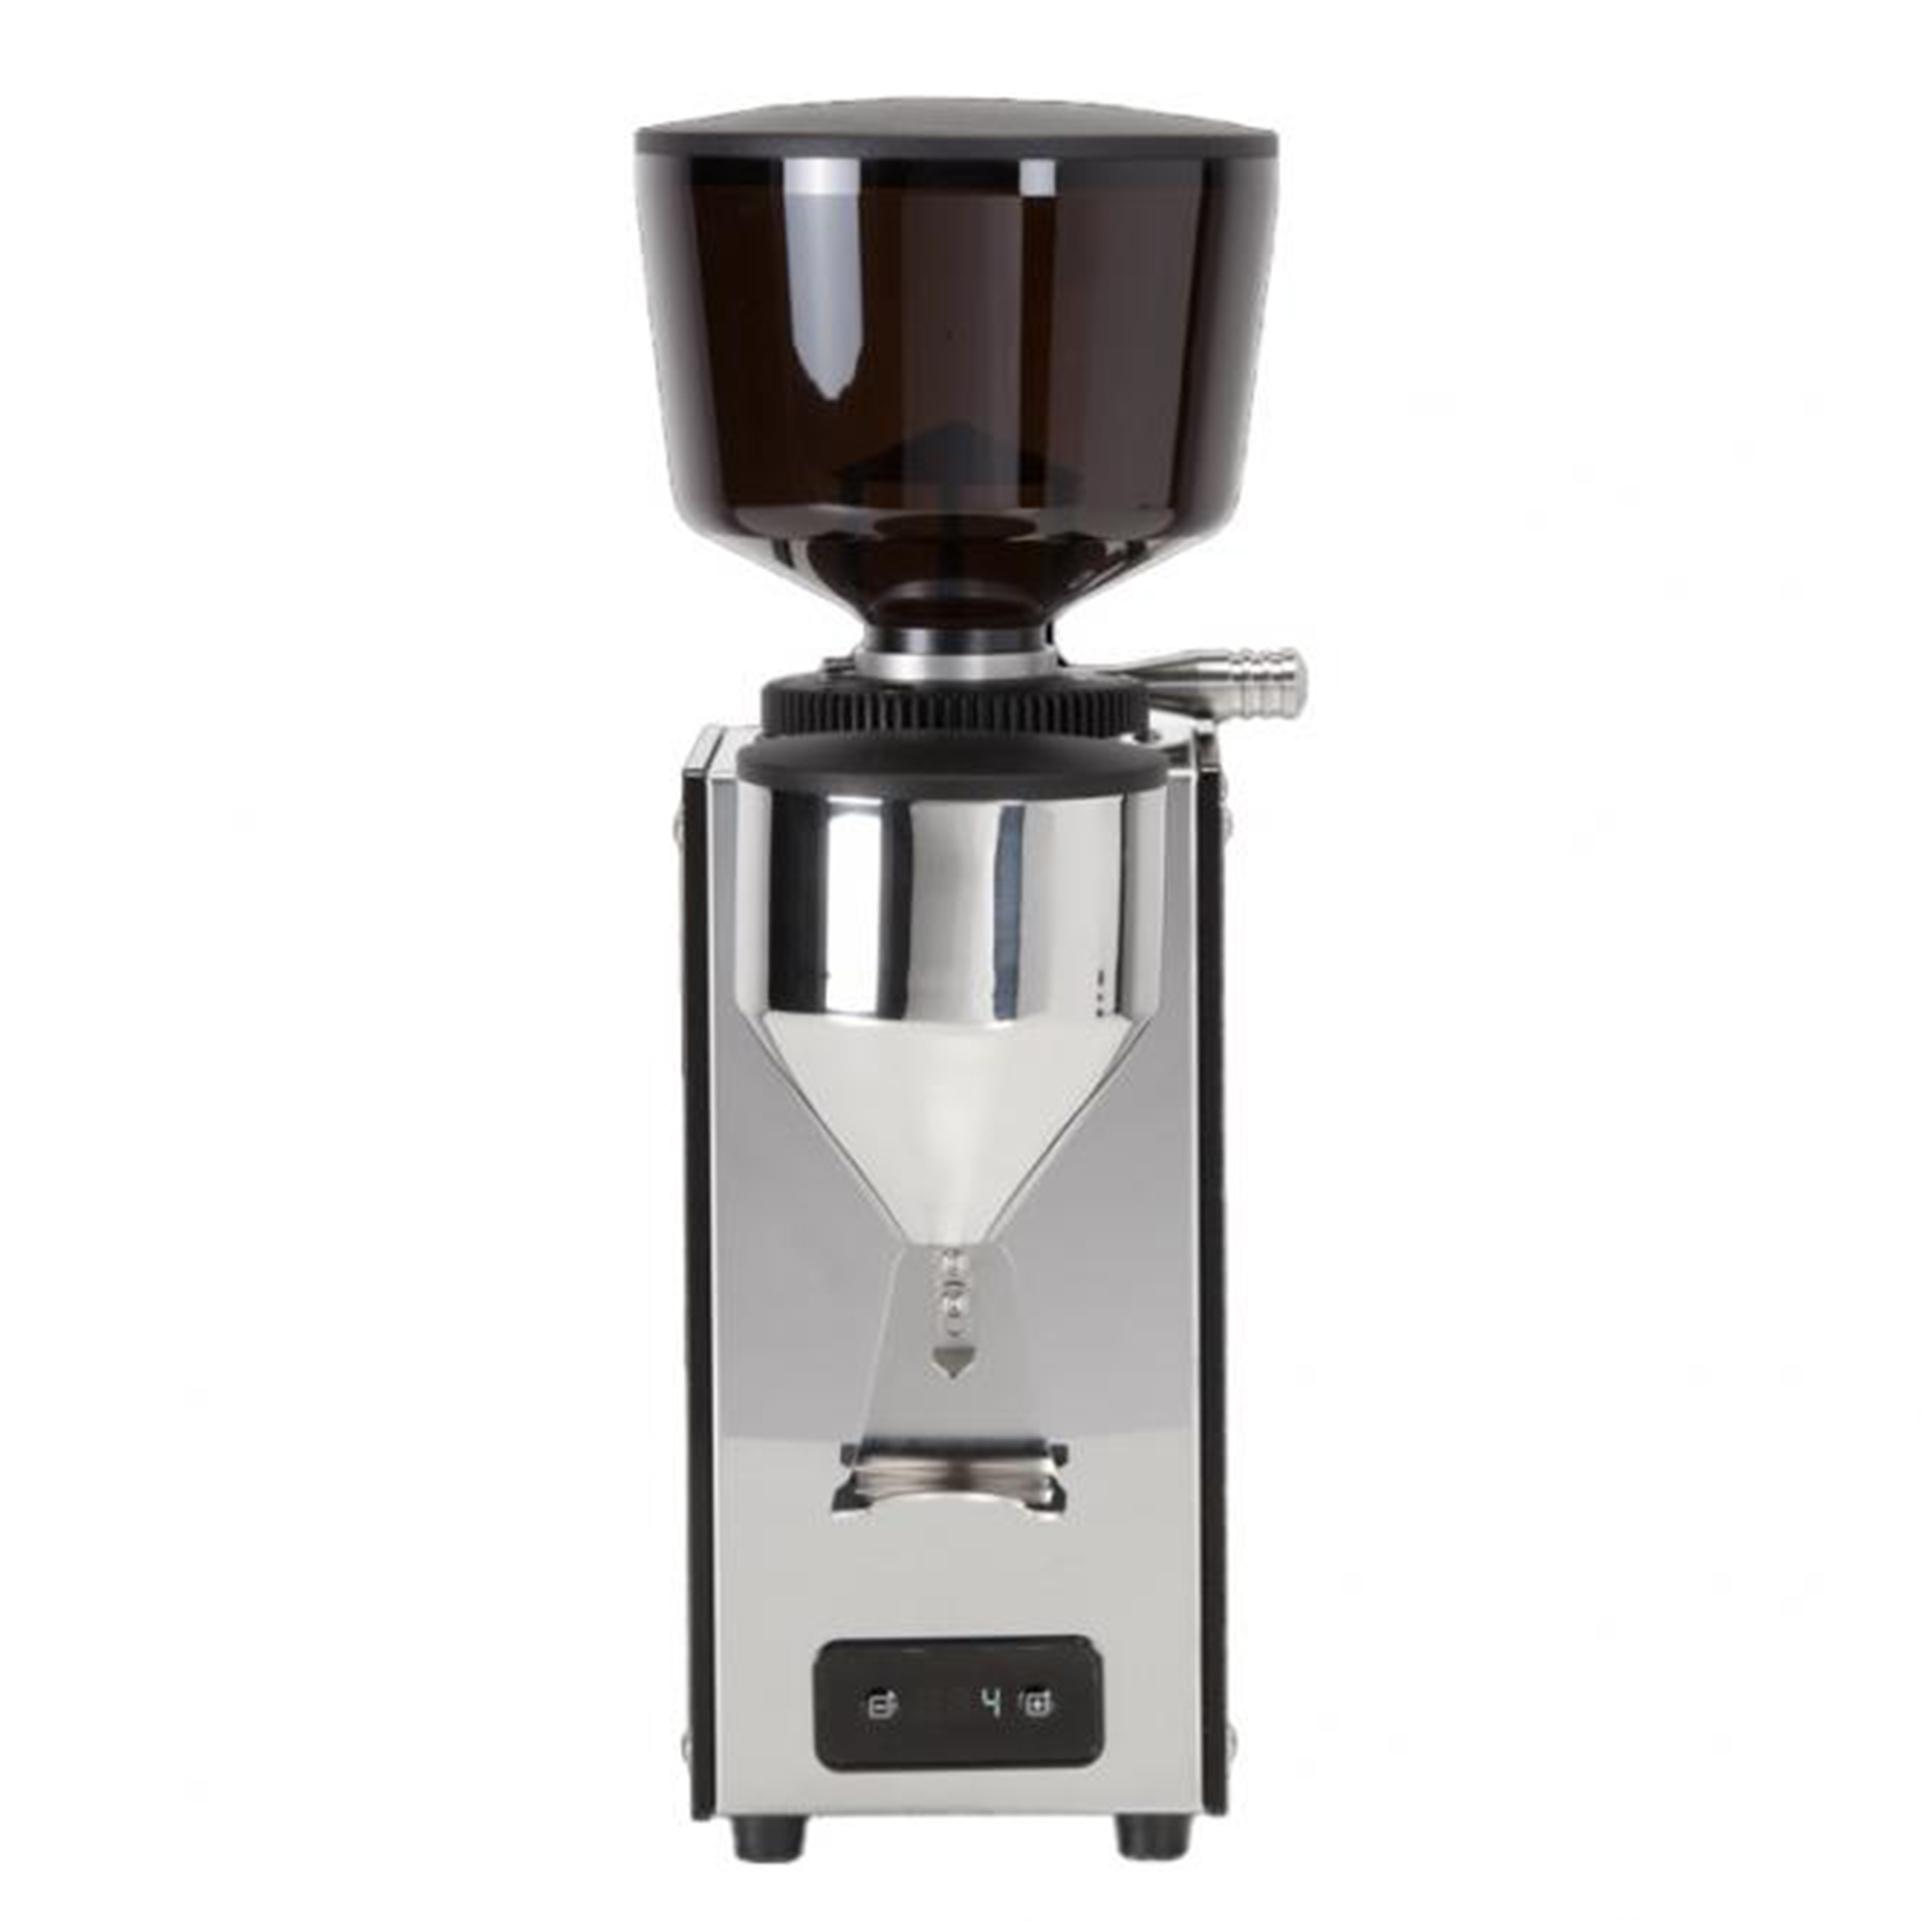 Kaffeemühle Profitec Pro T64